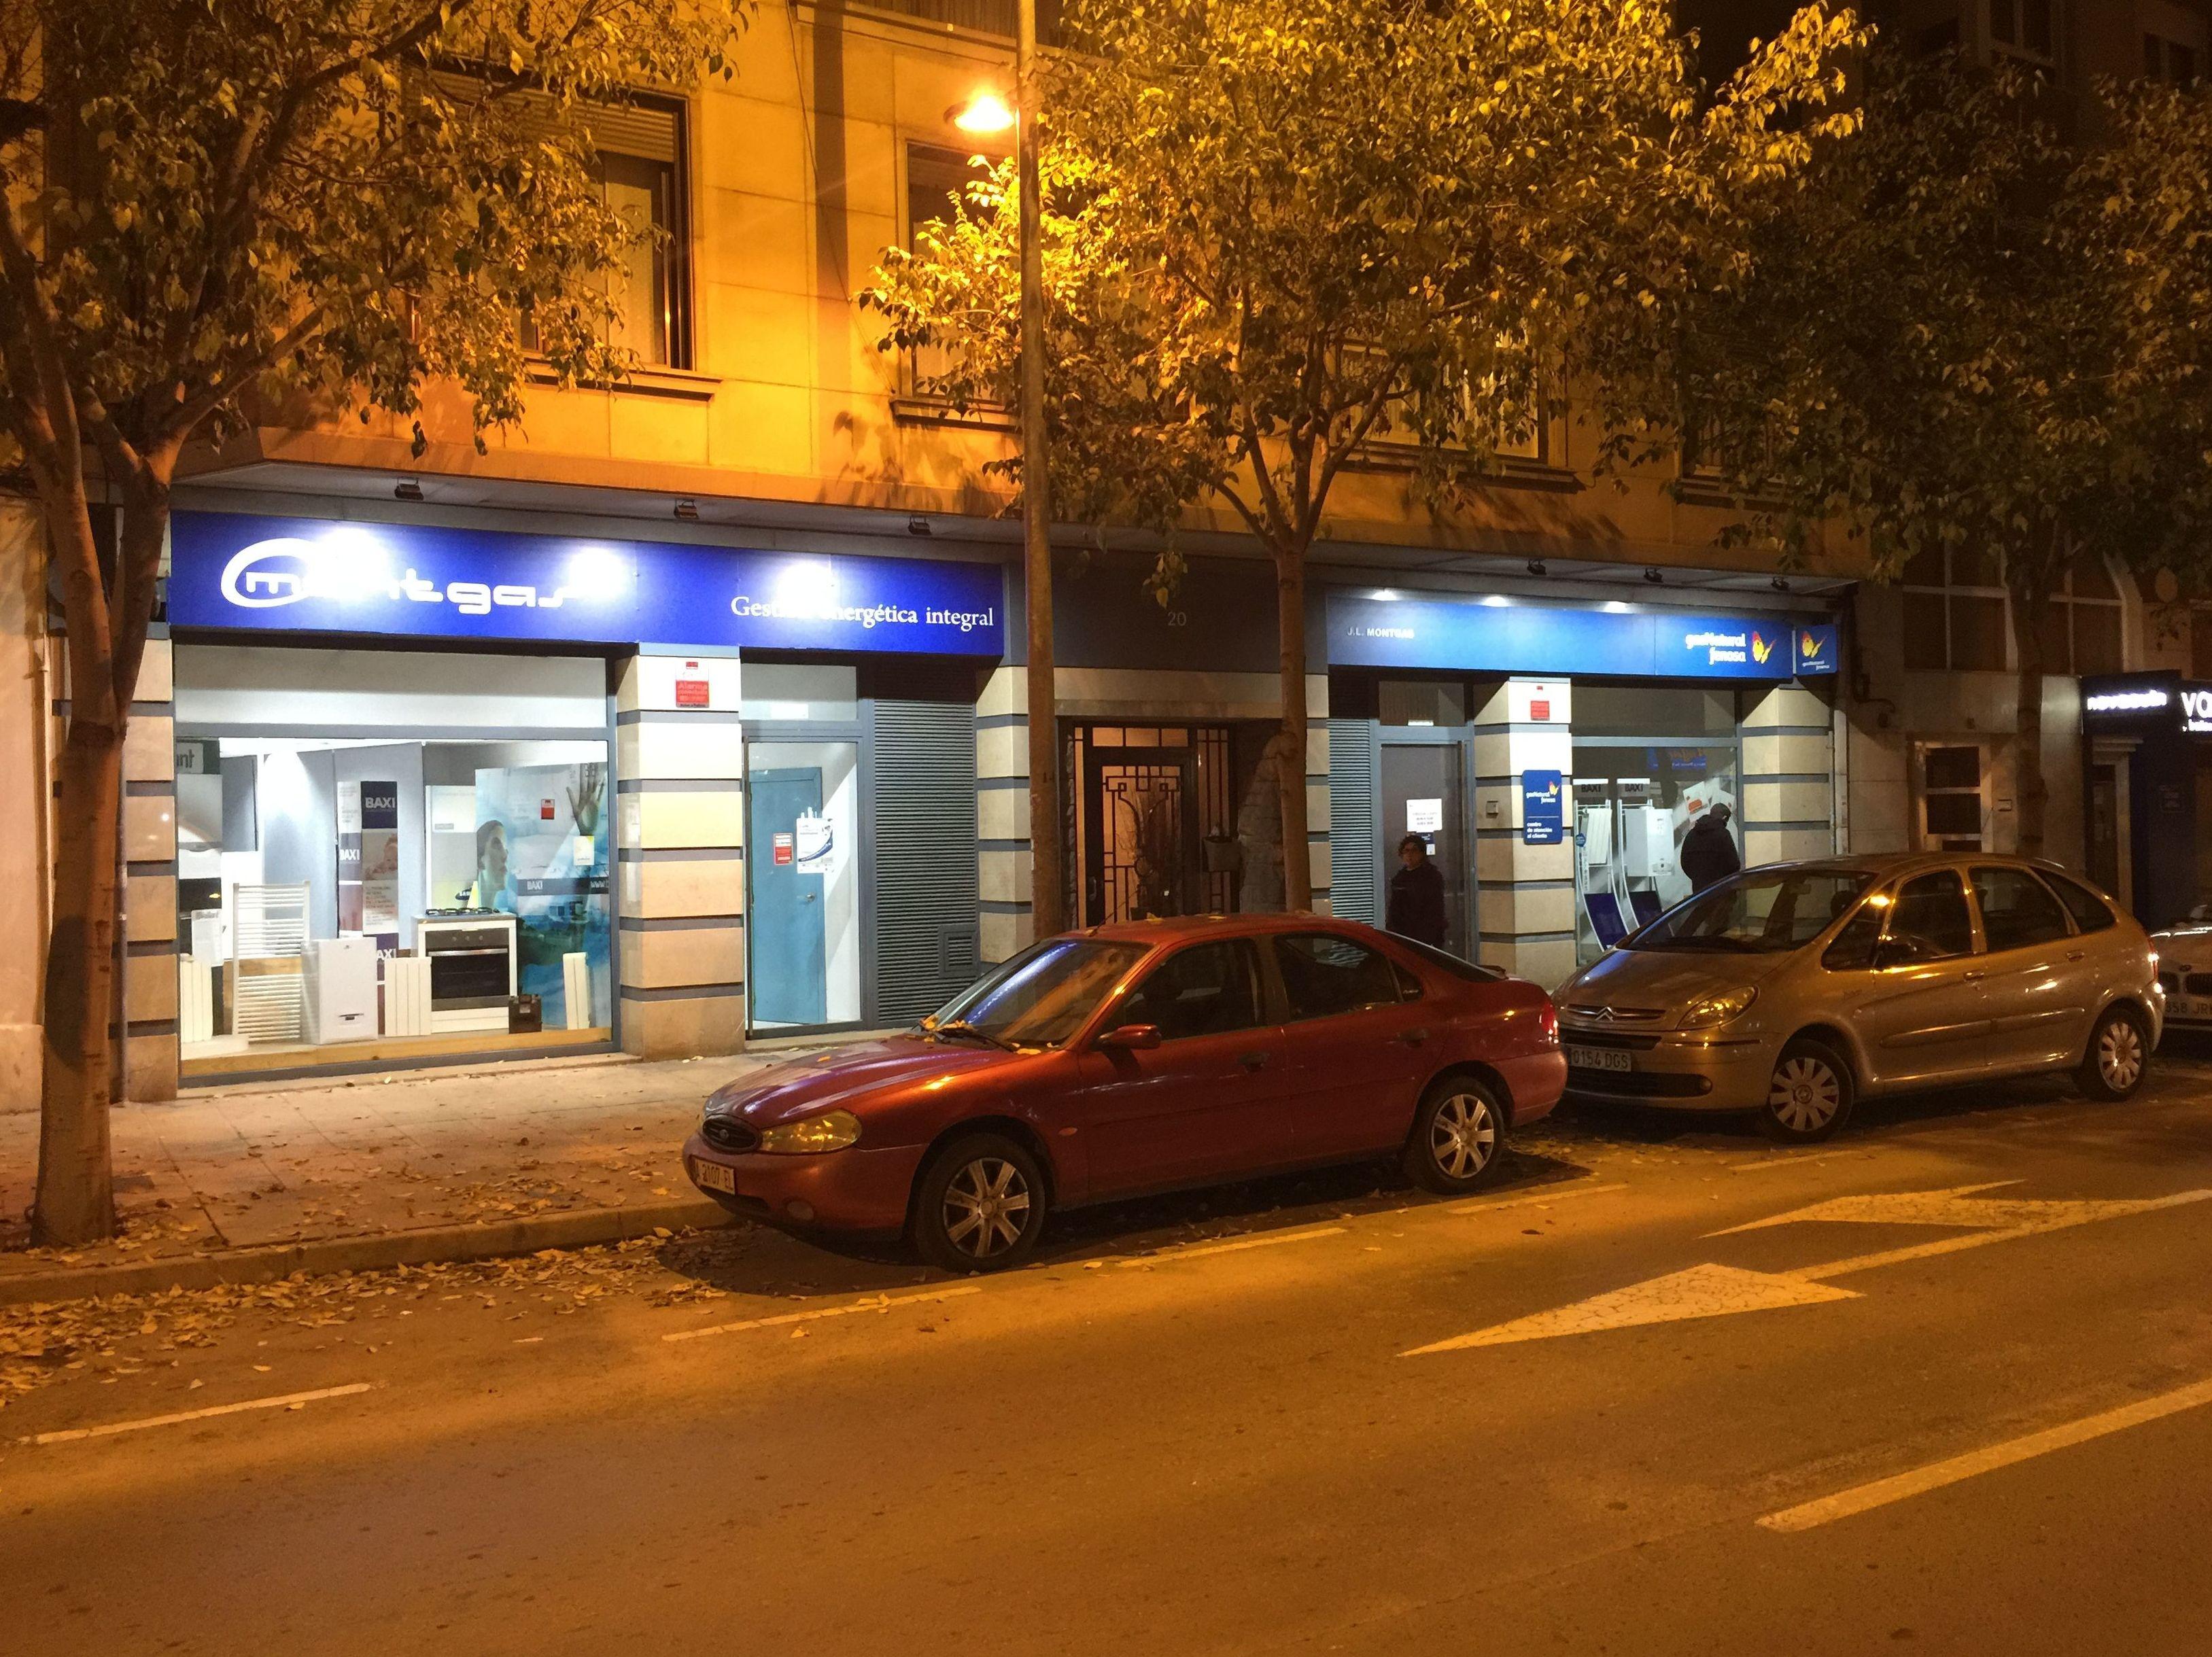 Foto 4 de Venta y reparación de calderas, calentadores, aires acondicionados y electrodomésticos en - Castelló de la Plana | J.L. Montgas, S.L.